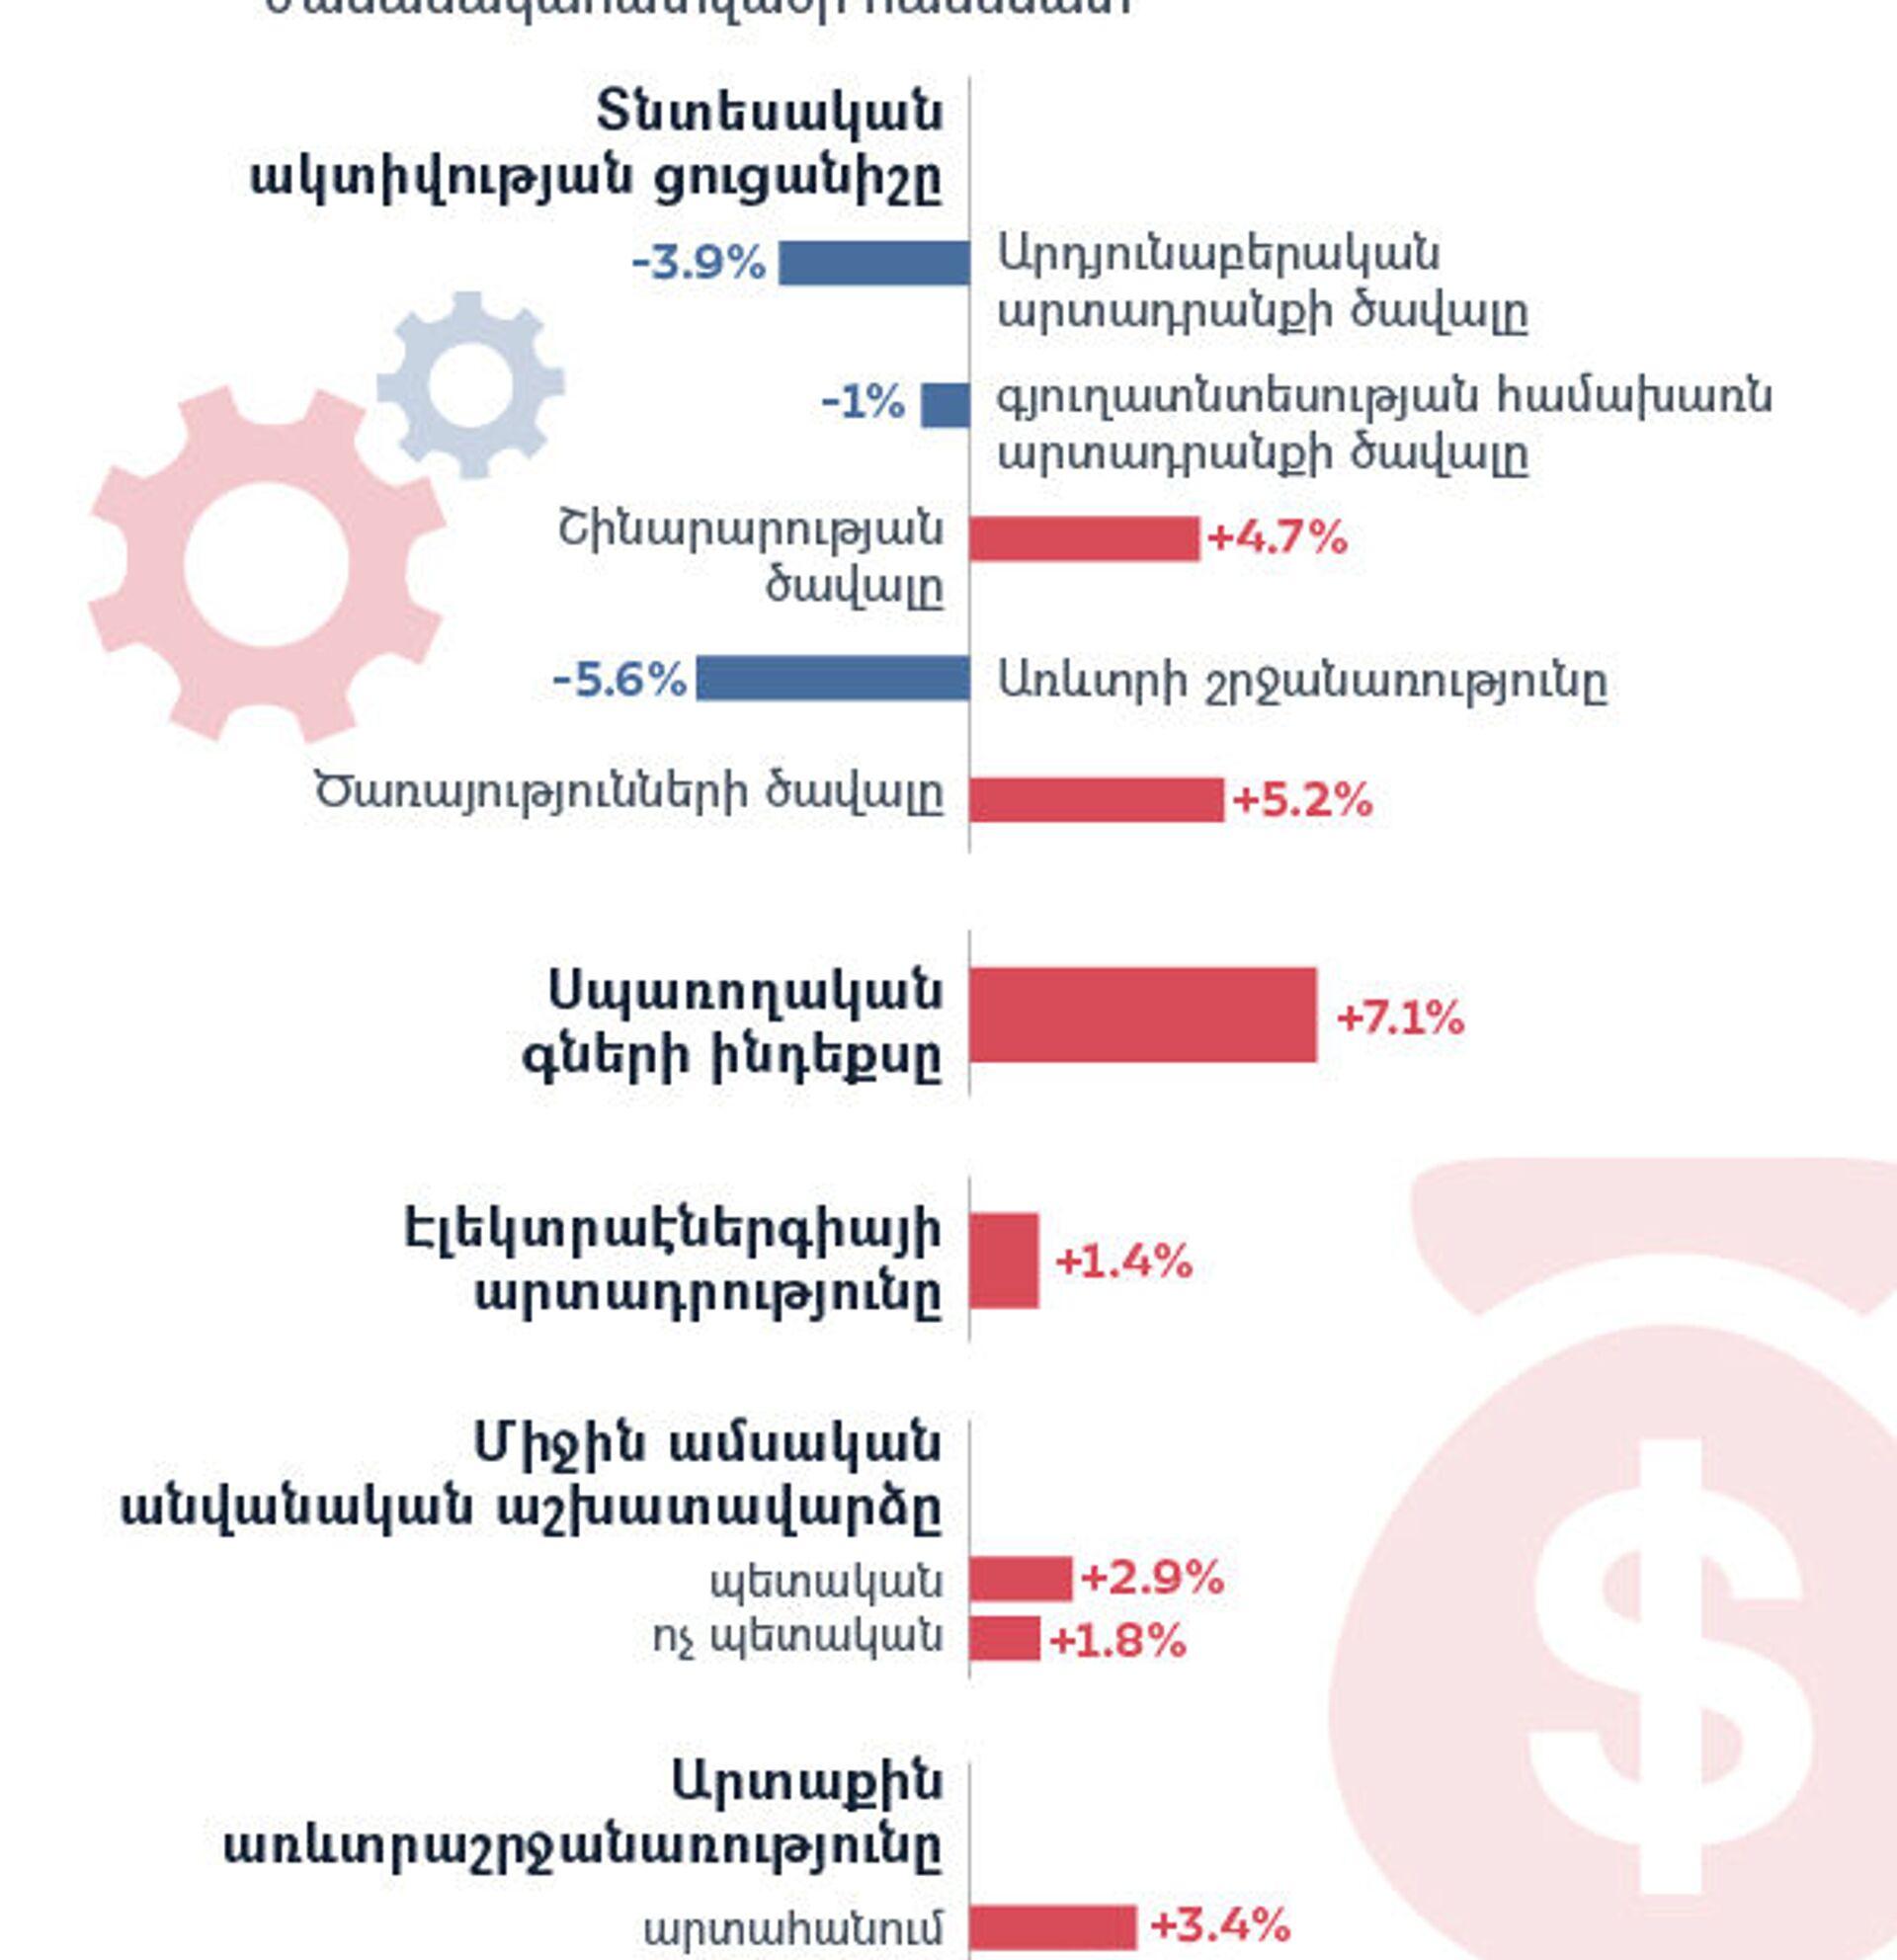 Հայաստանի տնտեսական ցուցանիշները - Sputnik Արմենիա, 1920, 30.04.2021